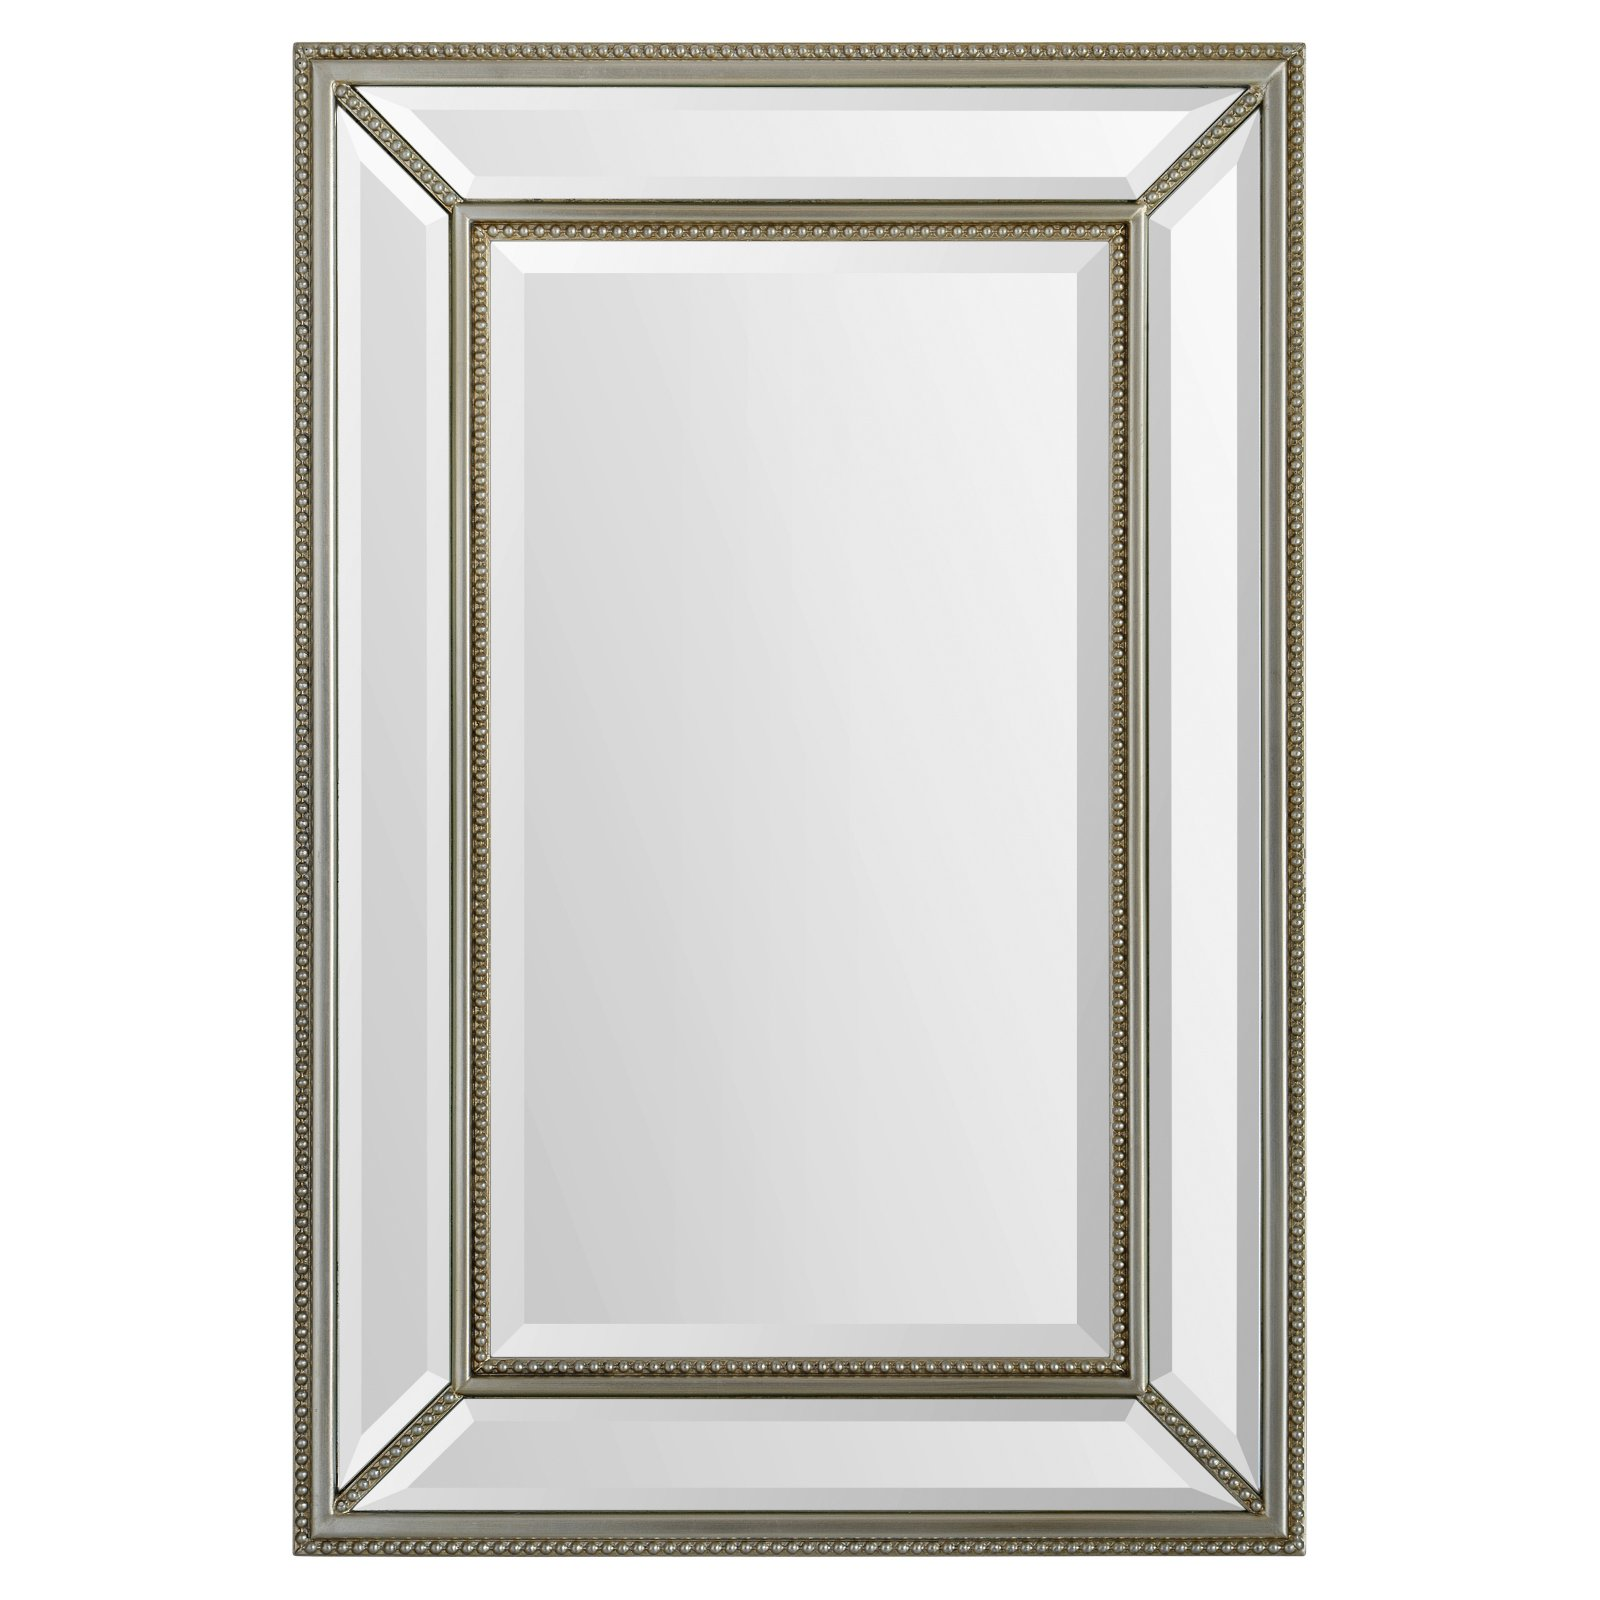 Mia Mirror - 24W x 36H in.